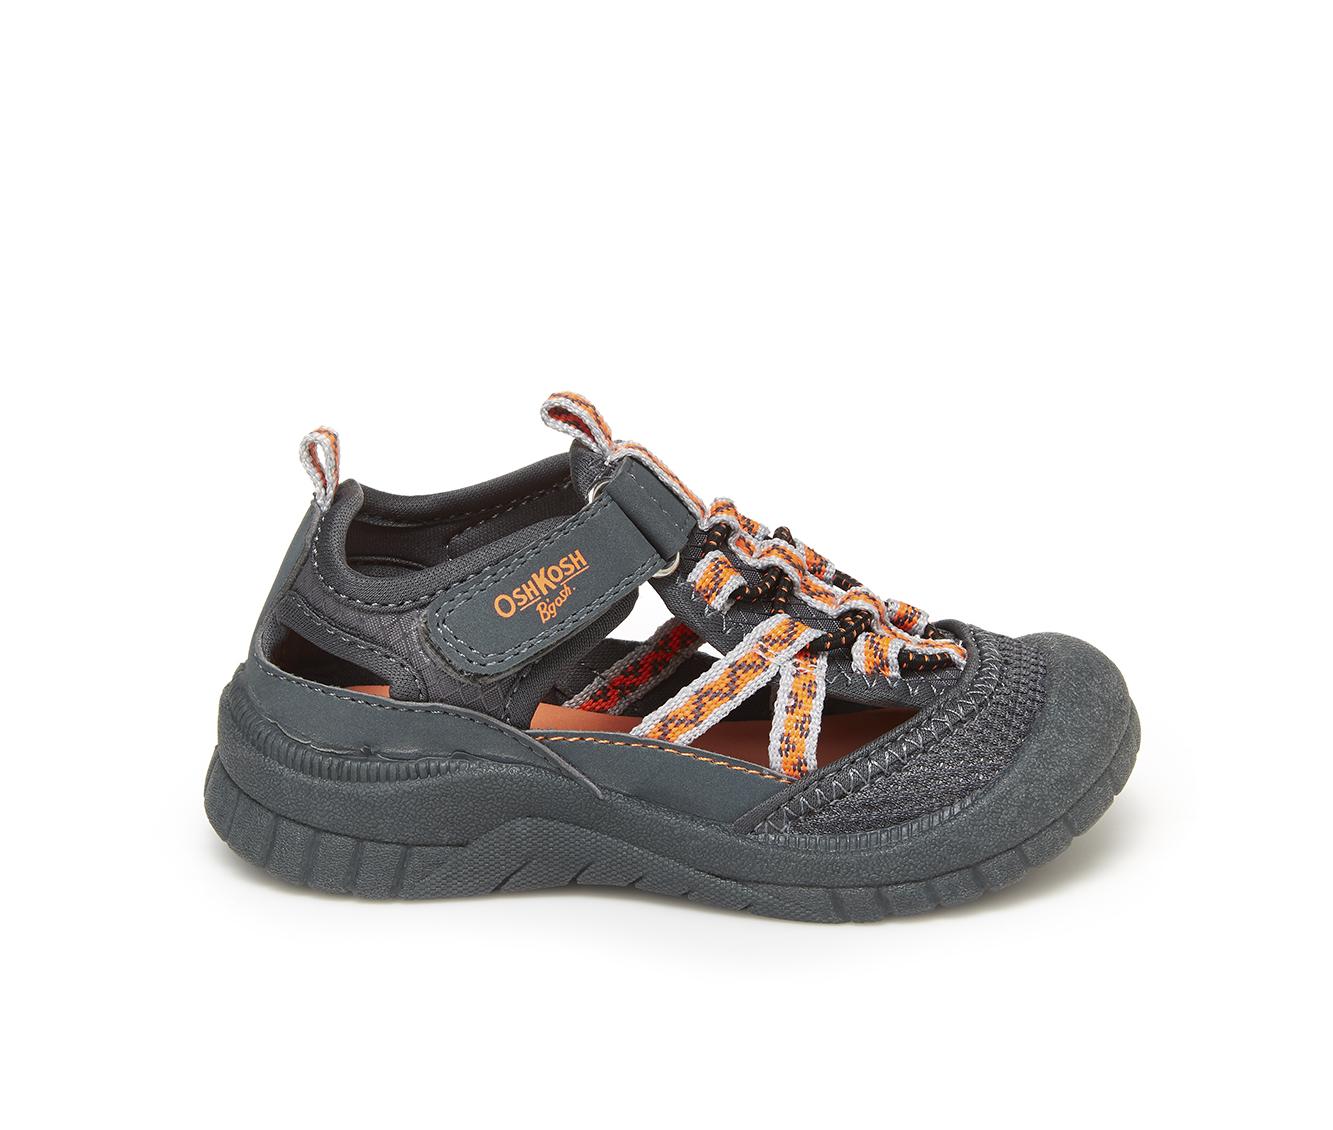 OshKosh BGosh Kids BAX Sandal